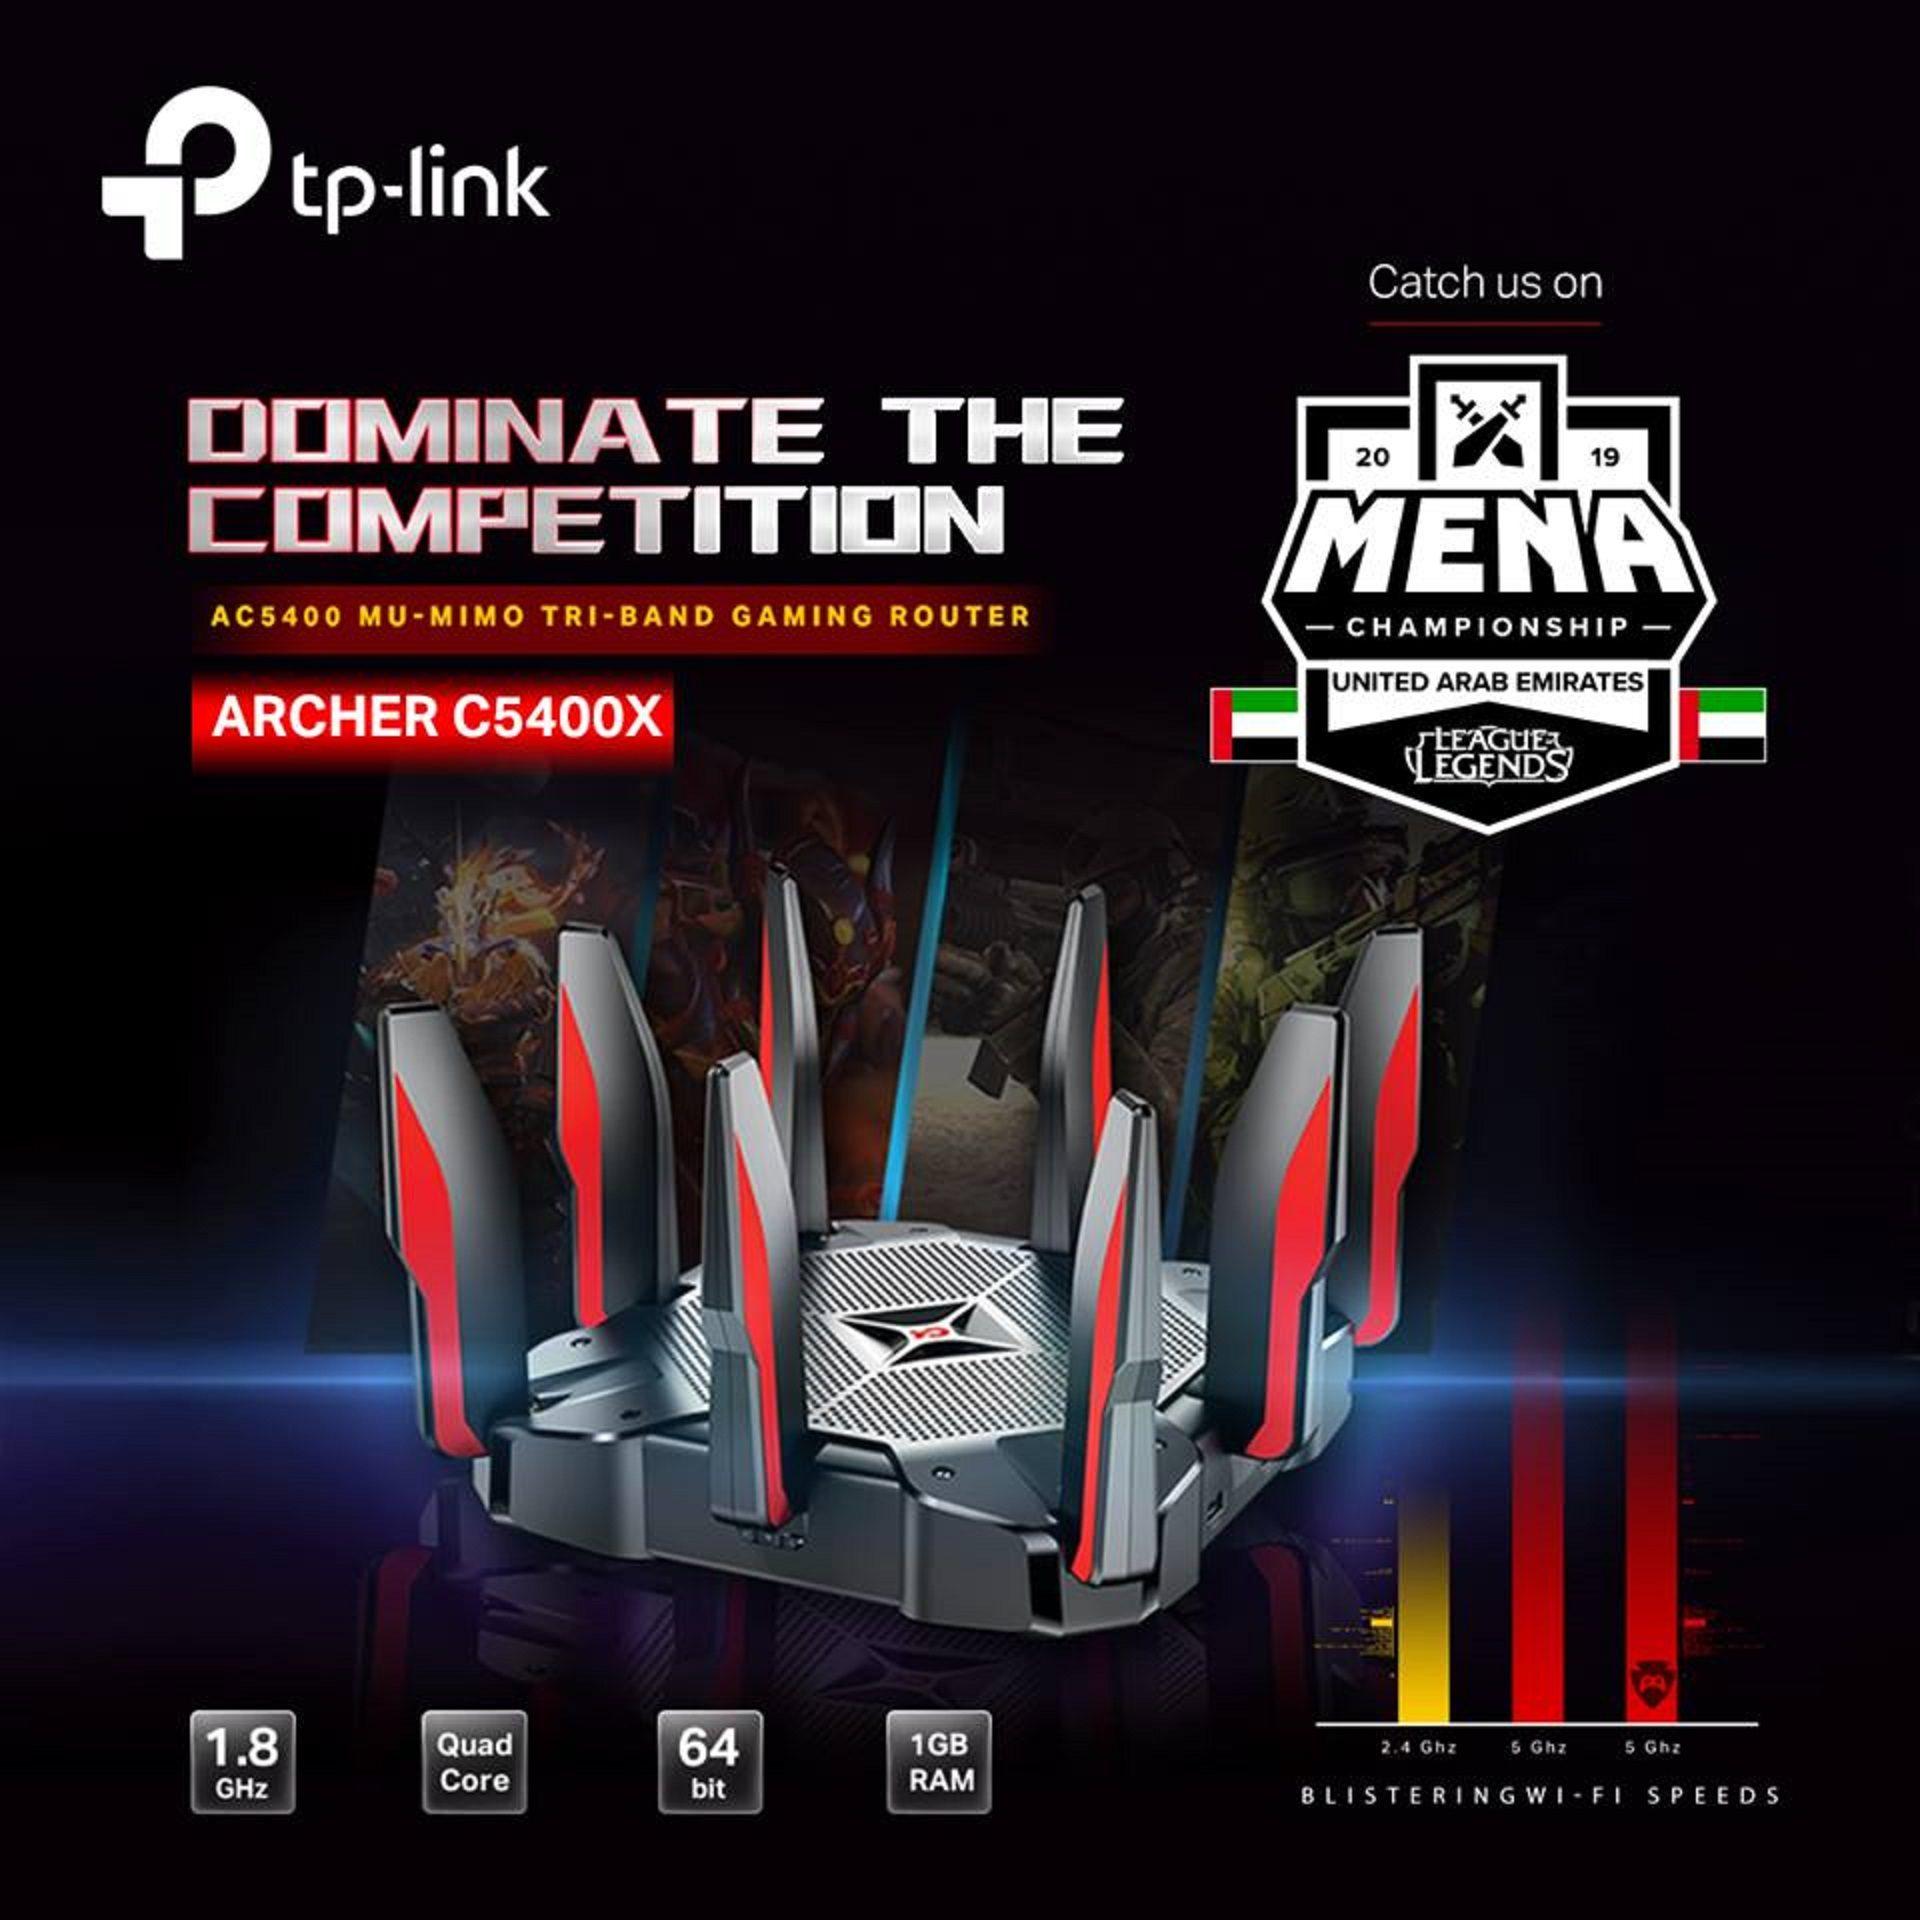 شركة تي بي لينك Tp Link تشترك مع شركة جيمرز هاب Gamers Hub لرعاية بطولة لعبة ليج أوف ليجيندز في منطقة الشرق الأوسط وشمال افريقيا لعام 2019 Gtxarabia